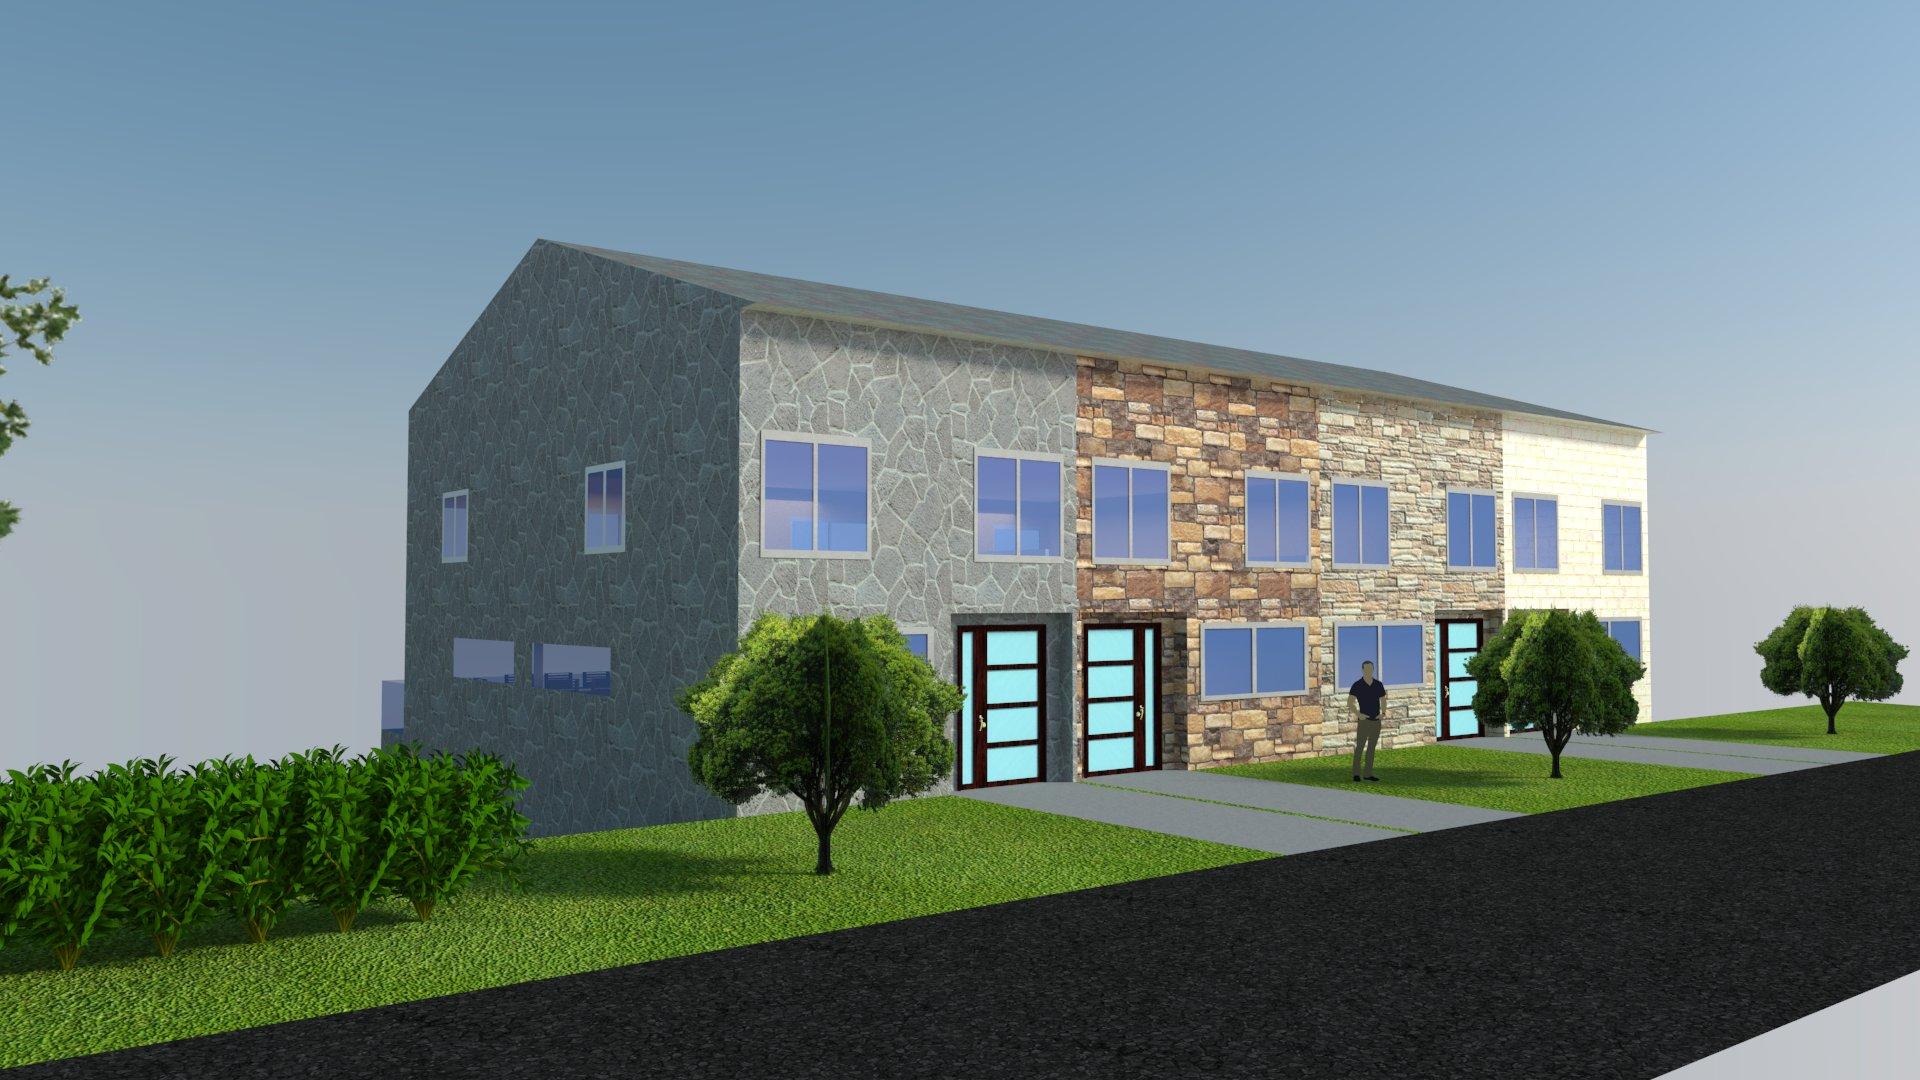 Proyecto urbanistico de 4 casas unifamiliares ref 014 01 - Proyectos casas unifamiliares ...